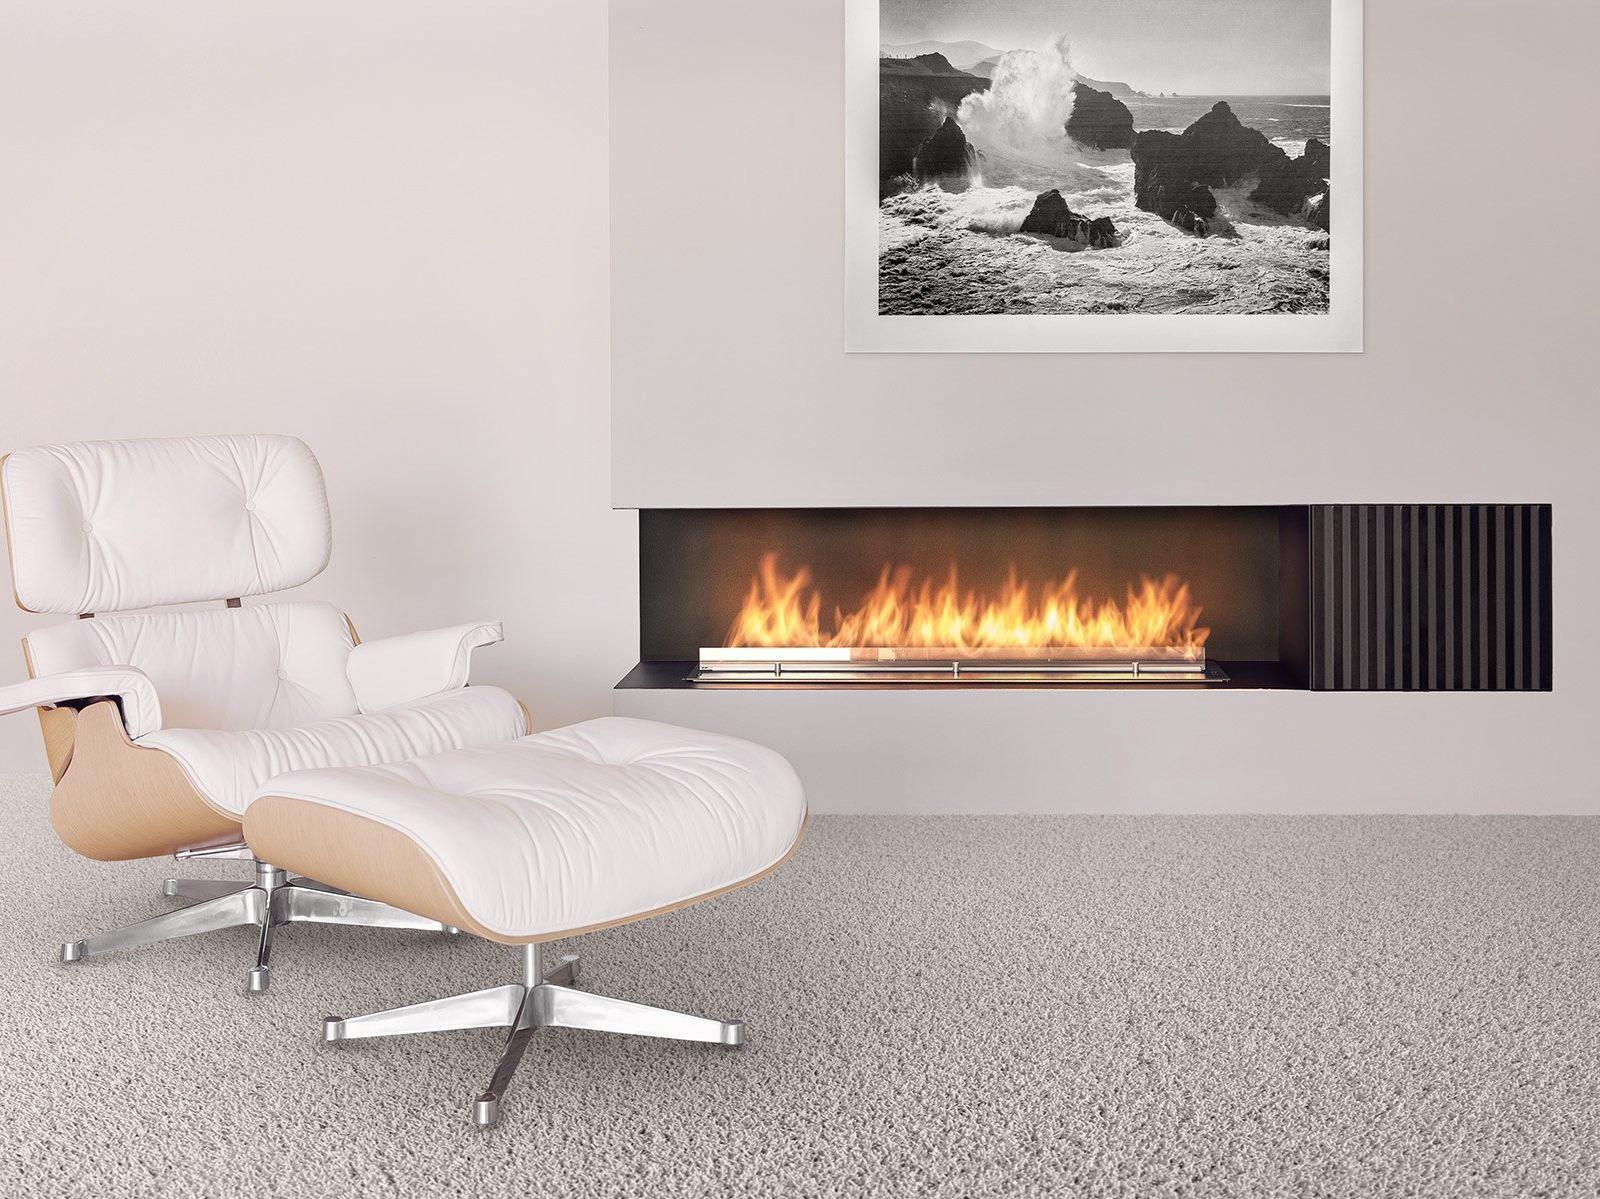 Smart Fireplace Insert With External Fuel Tank Fire Line